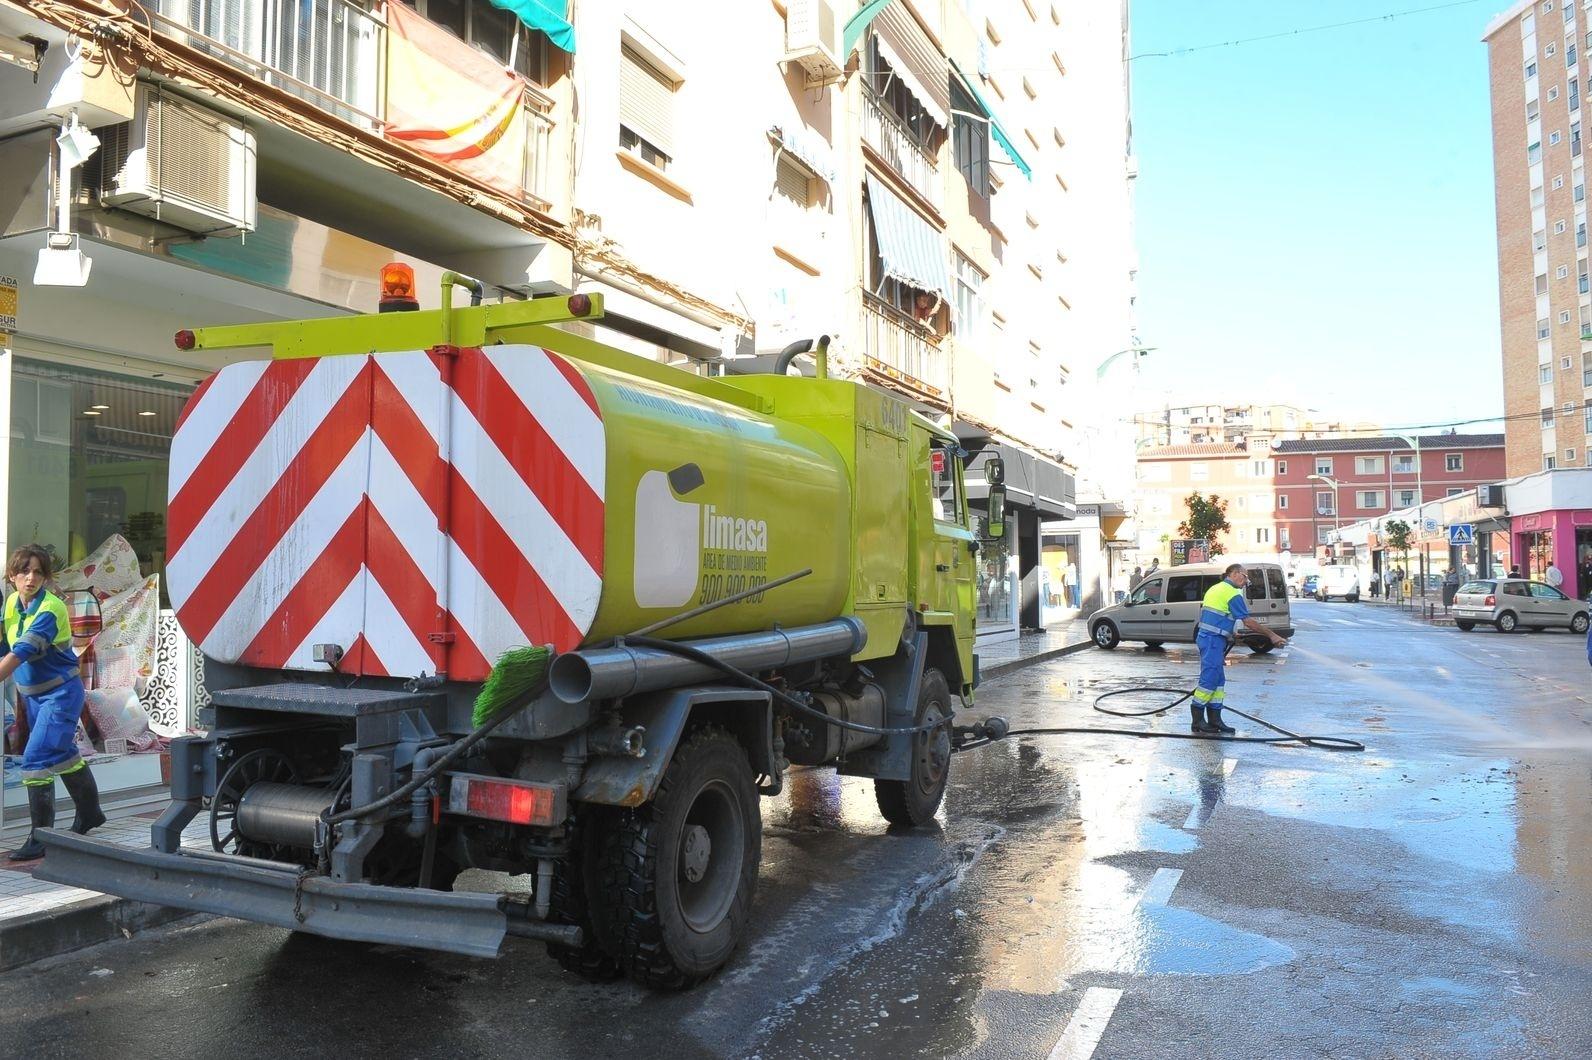 Ayuntamiento admite que no hay avance en el convenio de Limasa y subraya que el «sacrificio» debe ser de todos